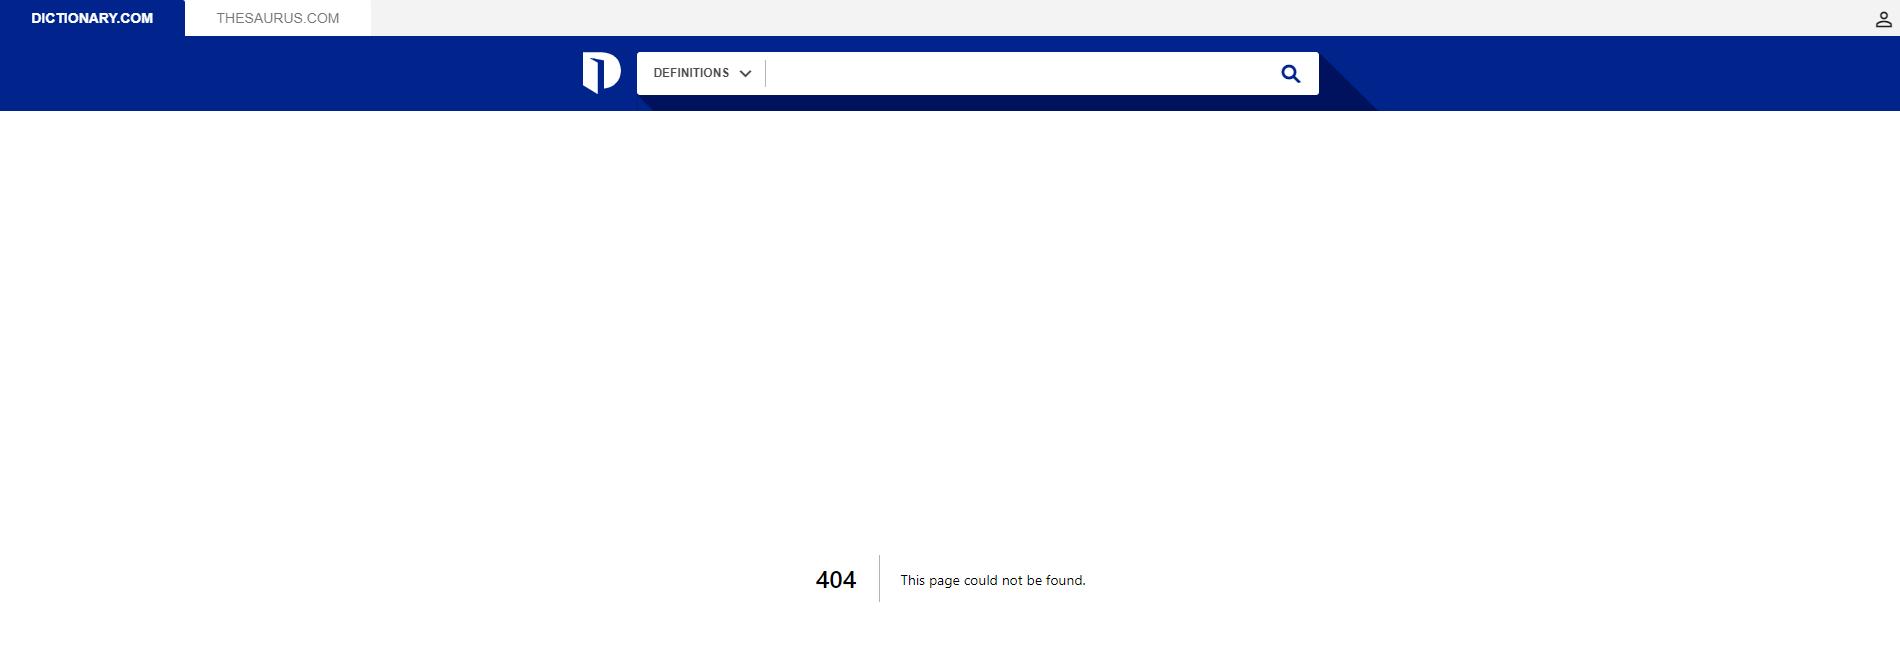 404 ошибка как сделать